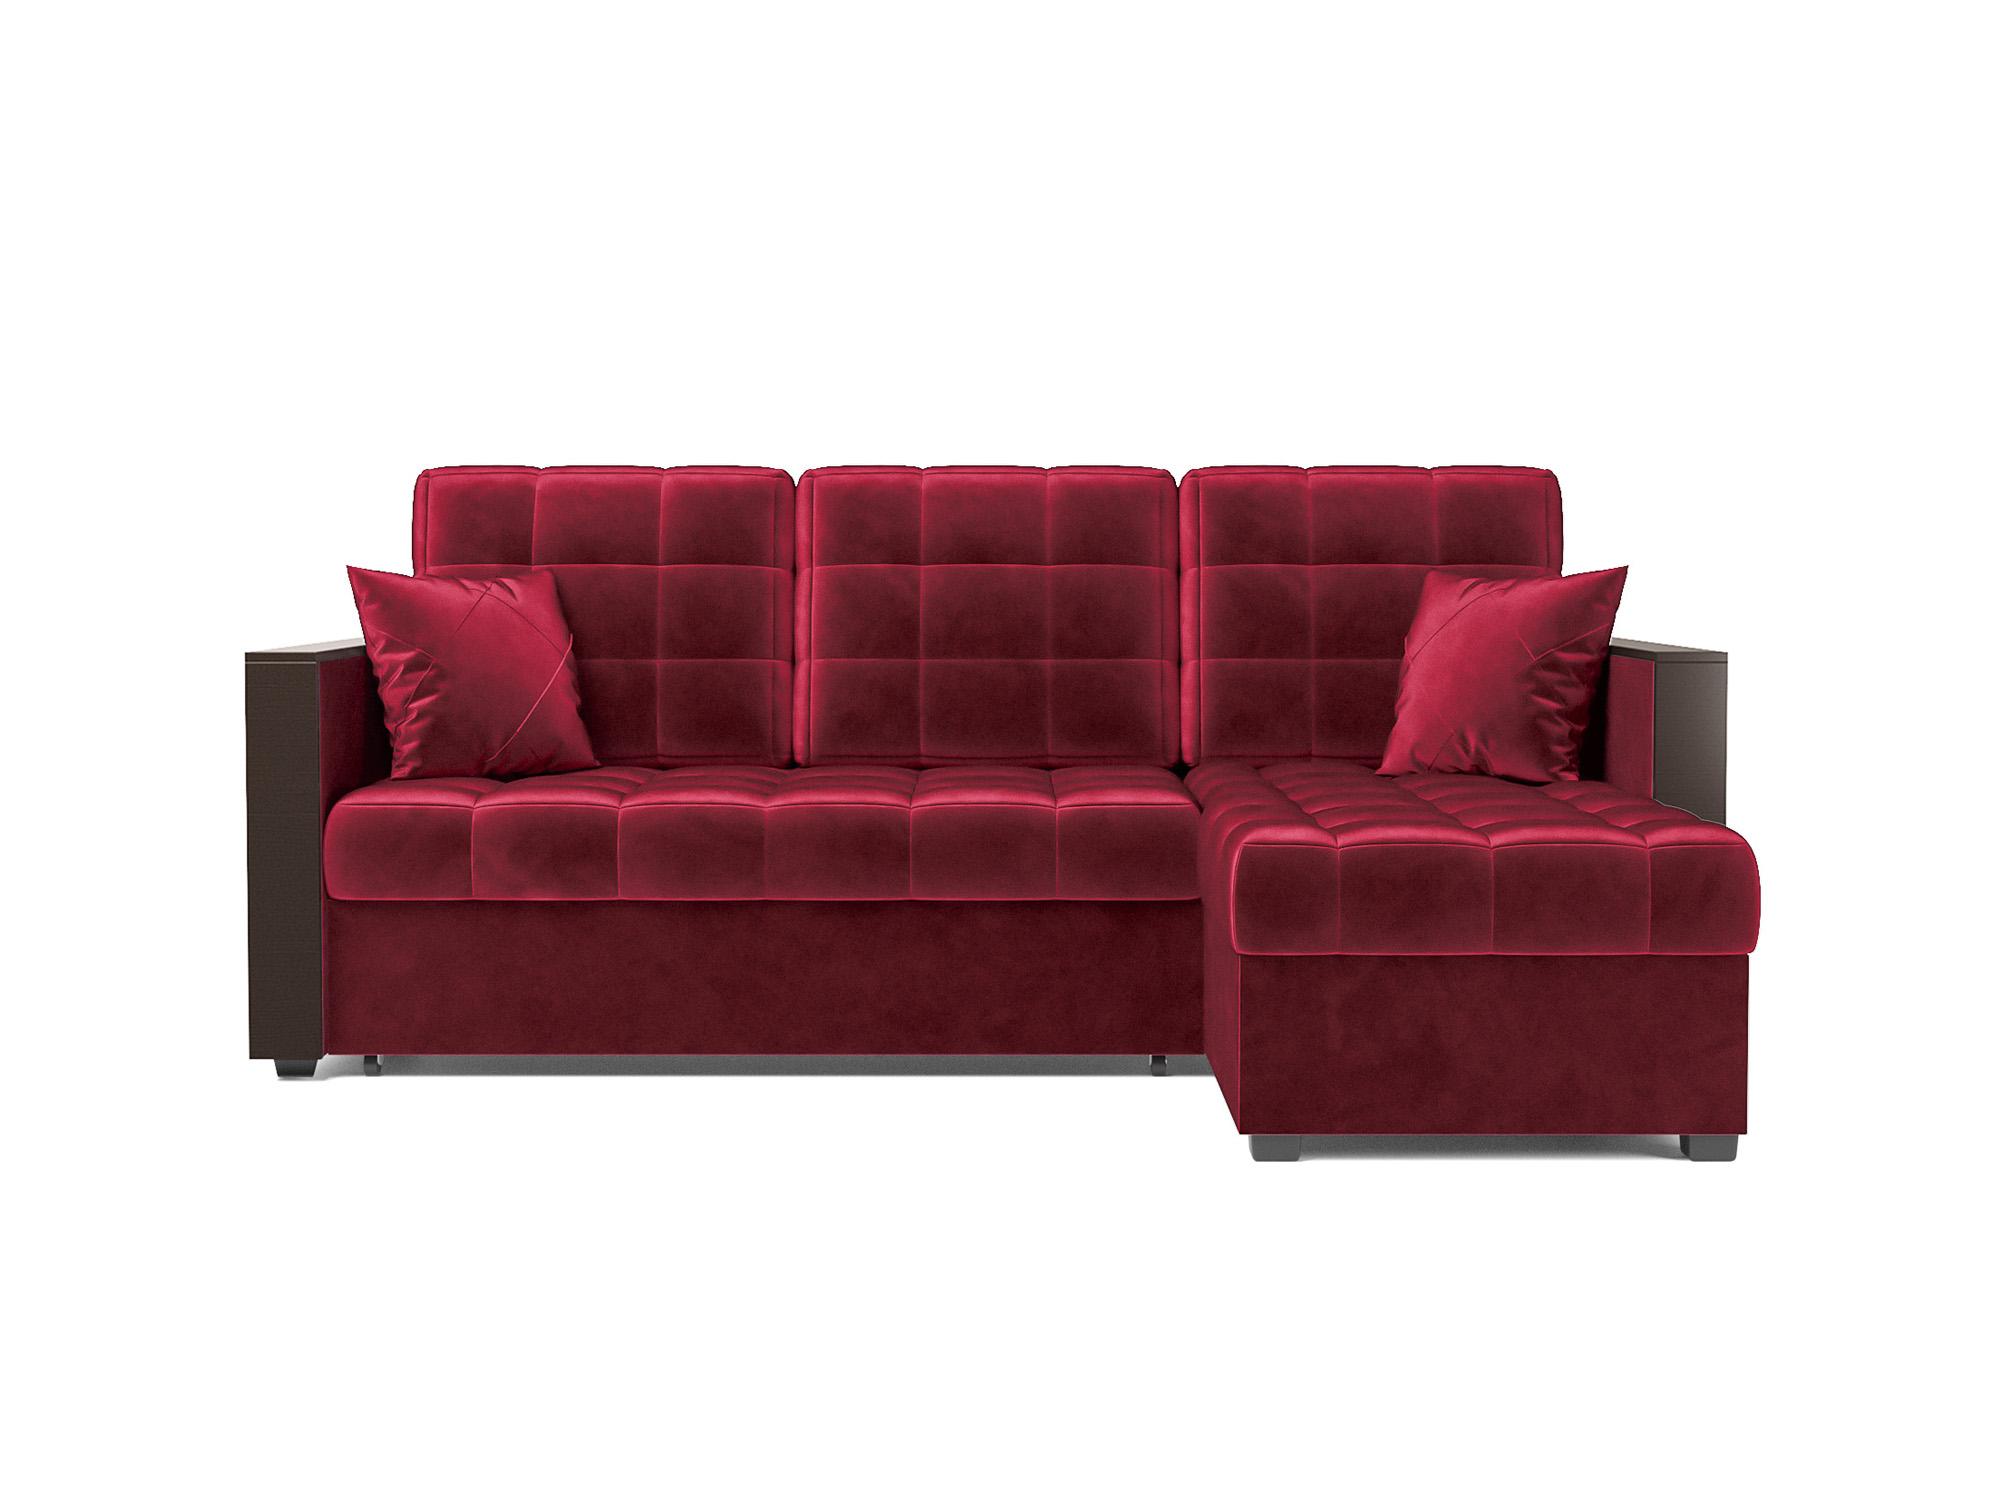 Угловой диван Техас MebelVia Красный, Вельвет бархатного типа, ДСП Красный